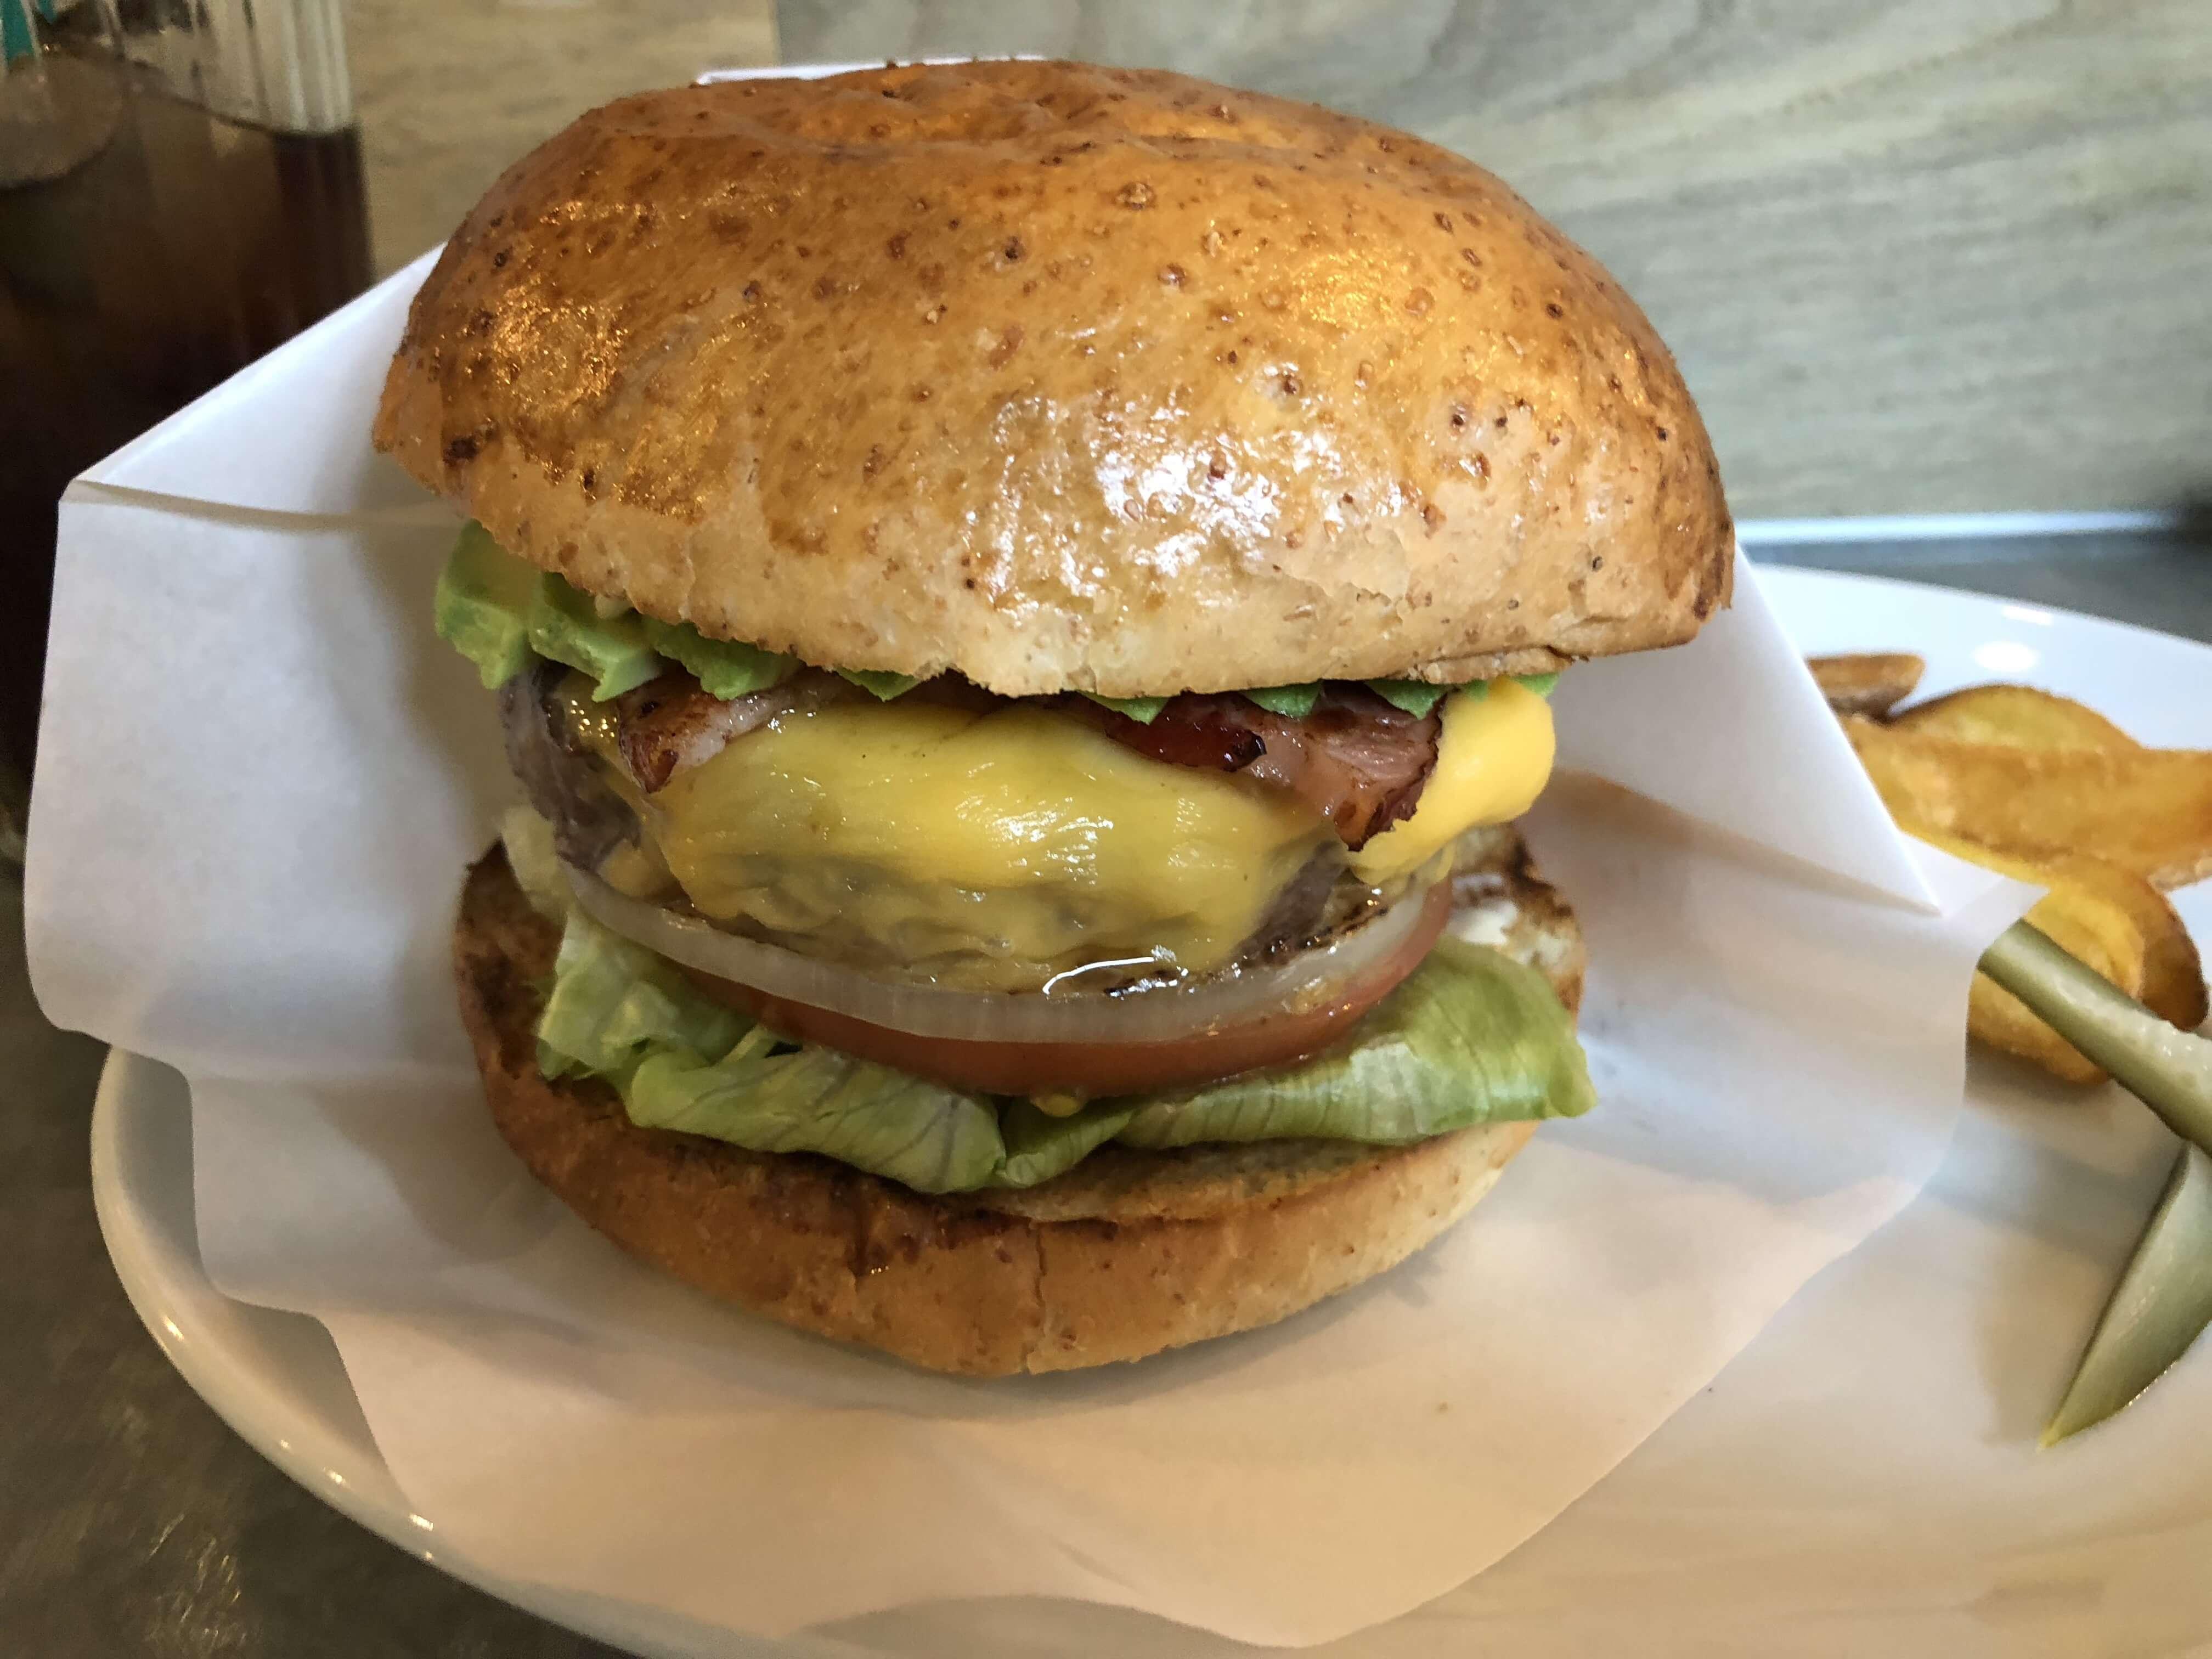 『 The Godburger ( ザ・ゴッドバーガー )』プレミアム・ハンバーガー。1,000円越えのハンバーガー流石の実力!!